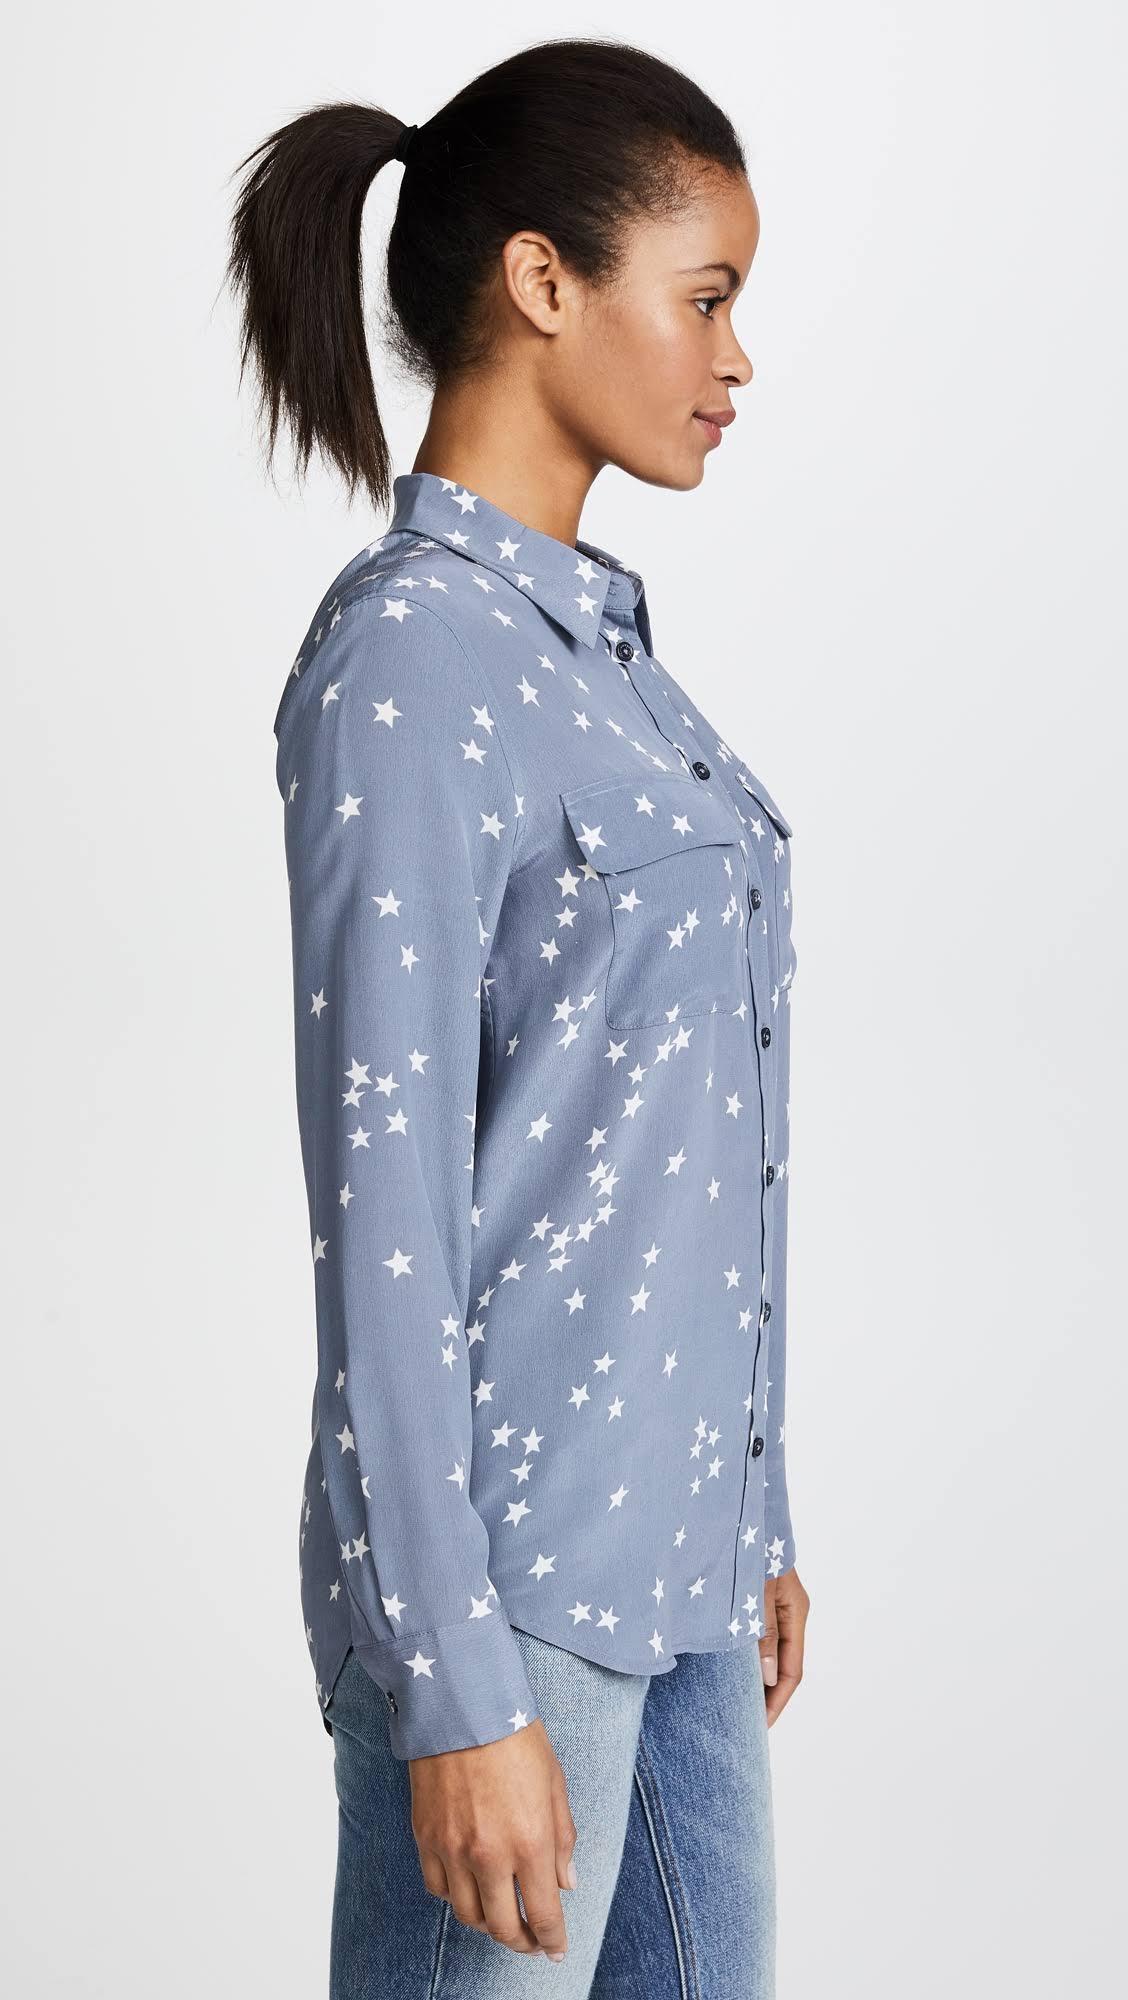 De Camisa Tormenta Estampado Con Azul Signature Equipo Slim Seda Lavada wSqRpqA